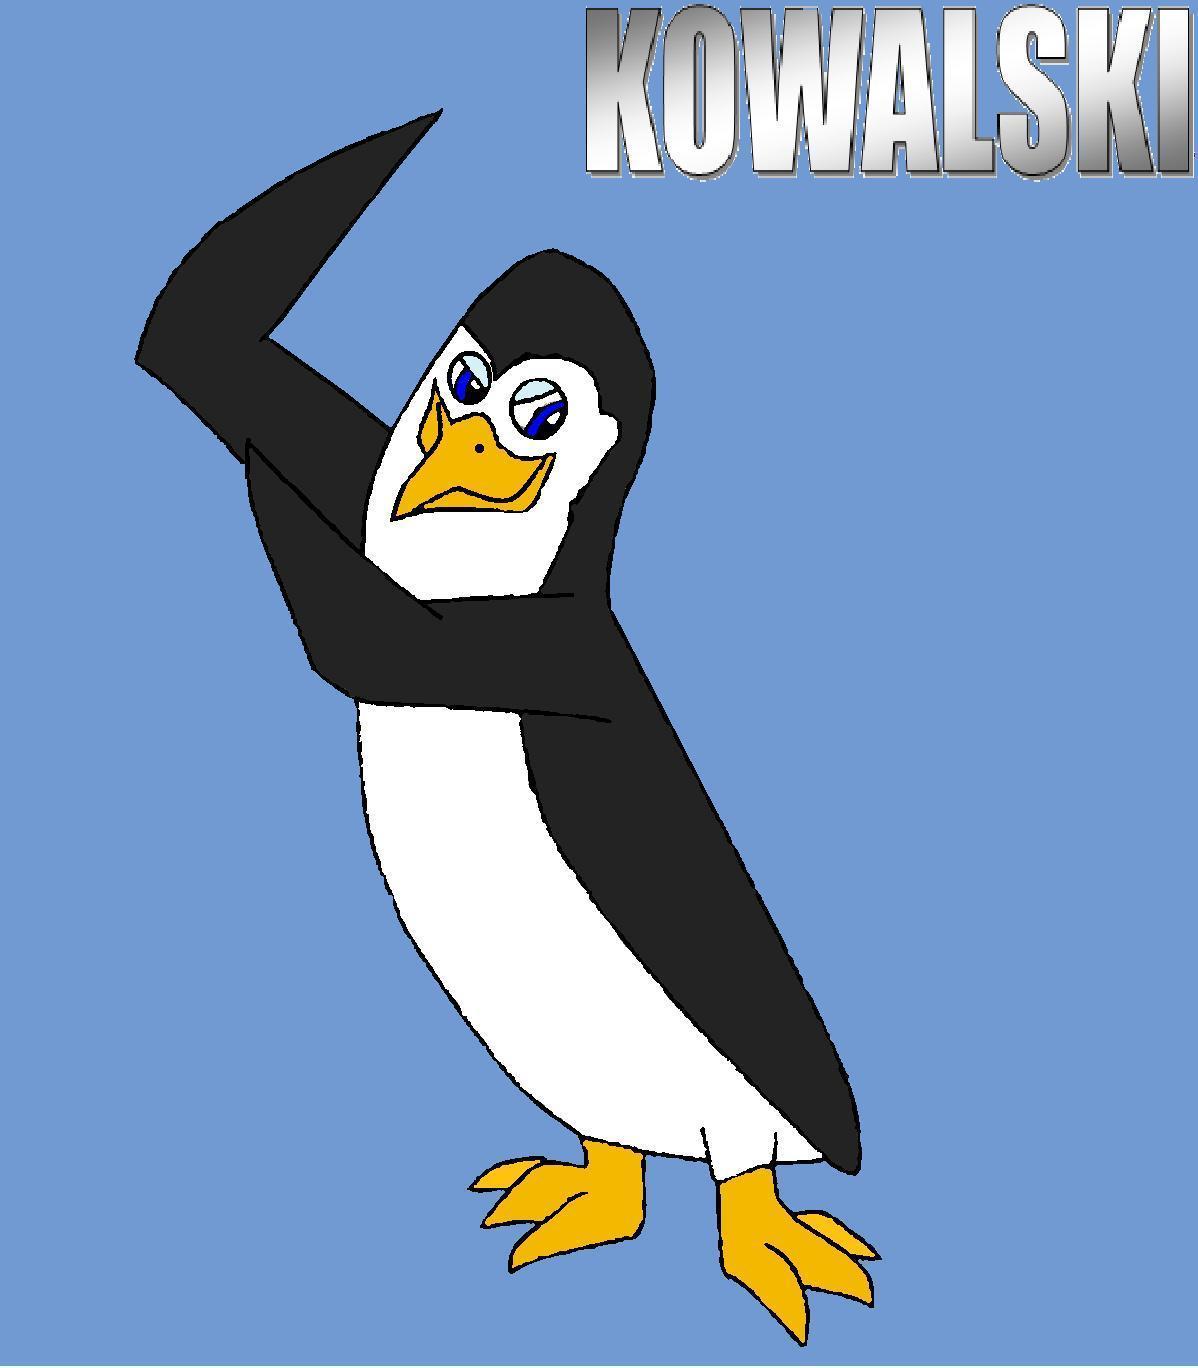 Kowalski Film